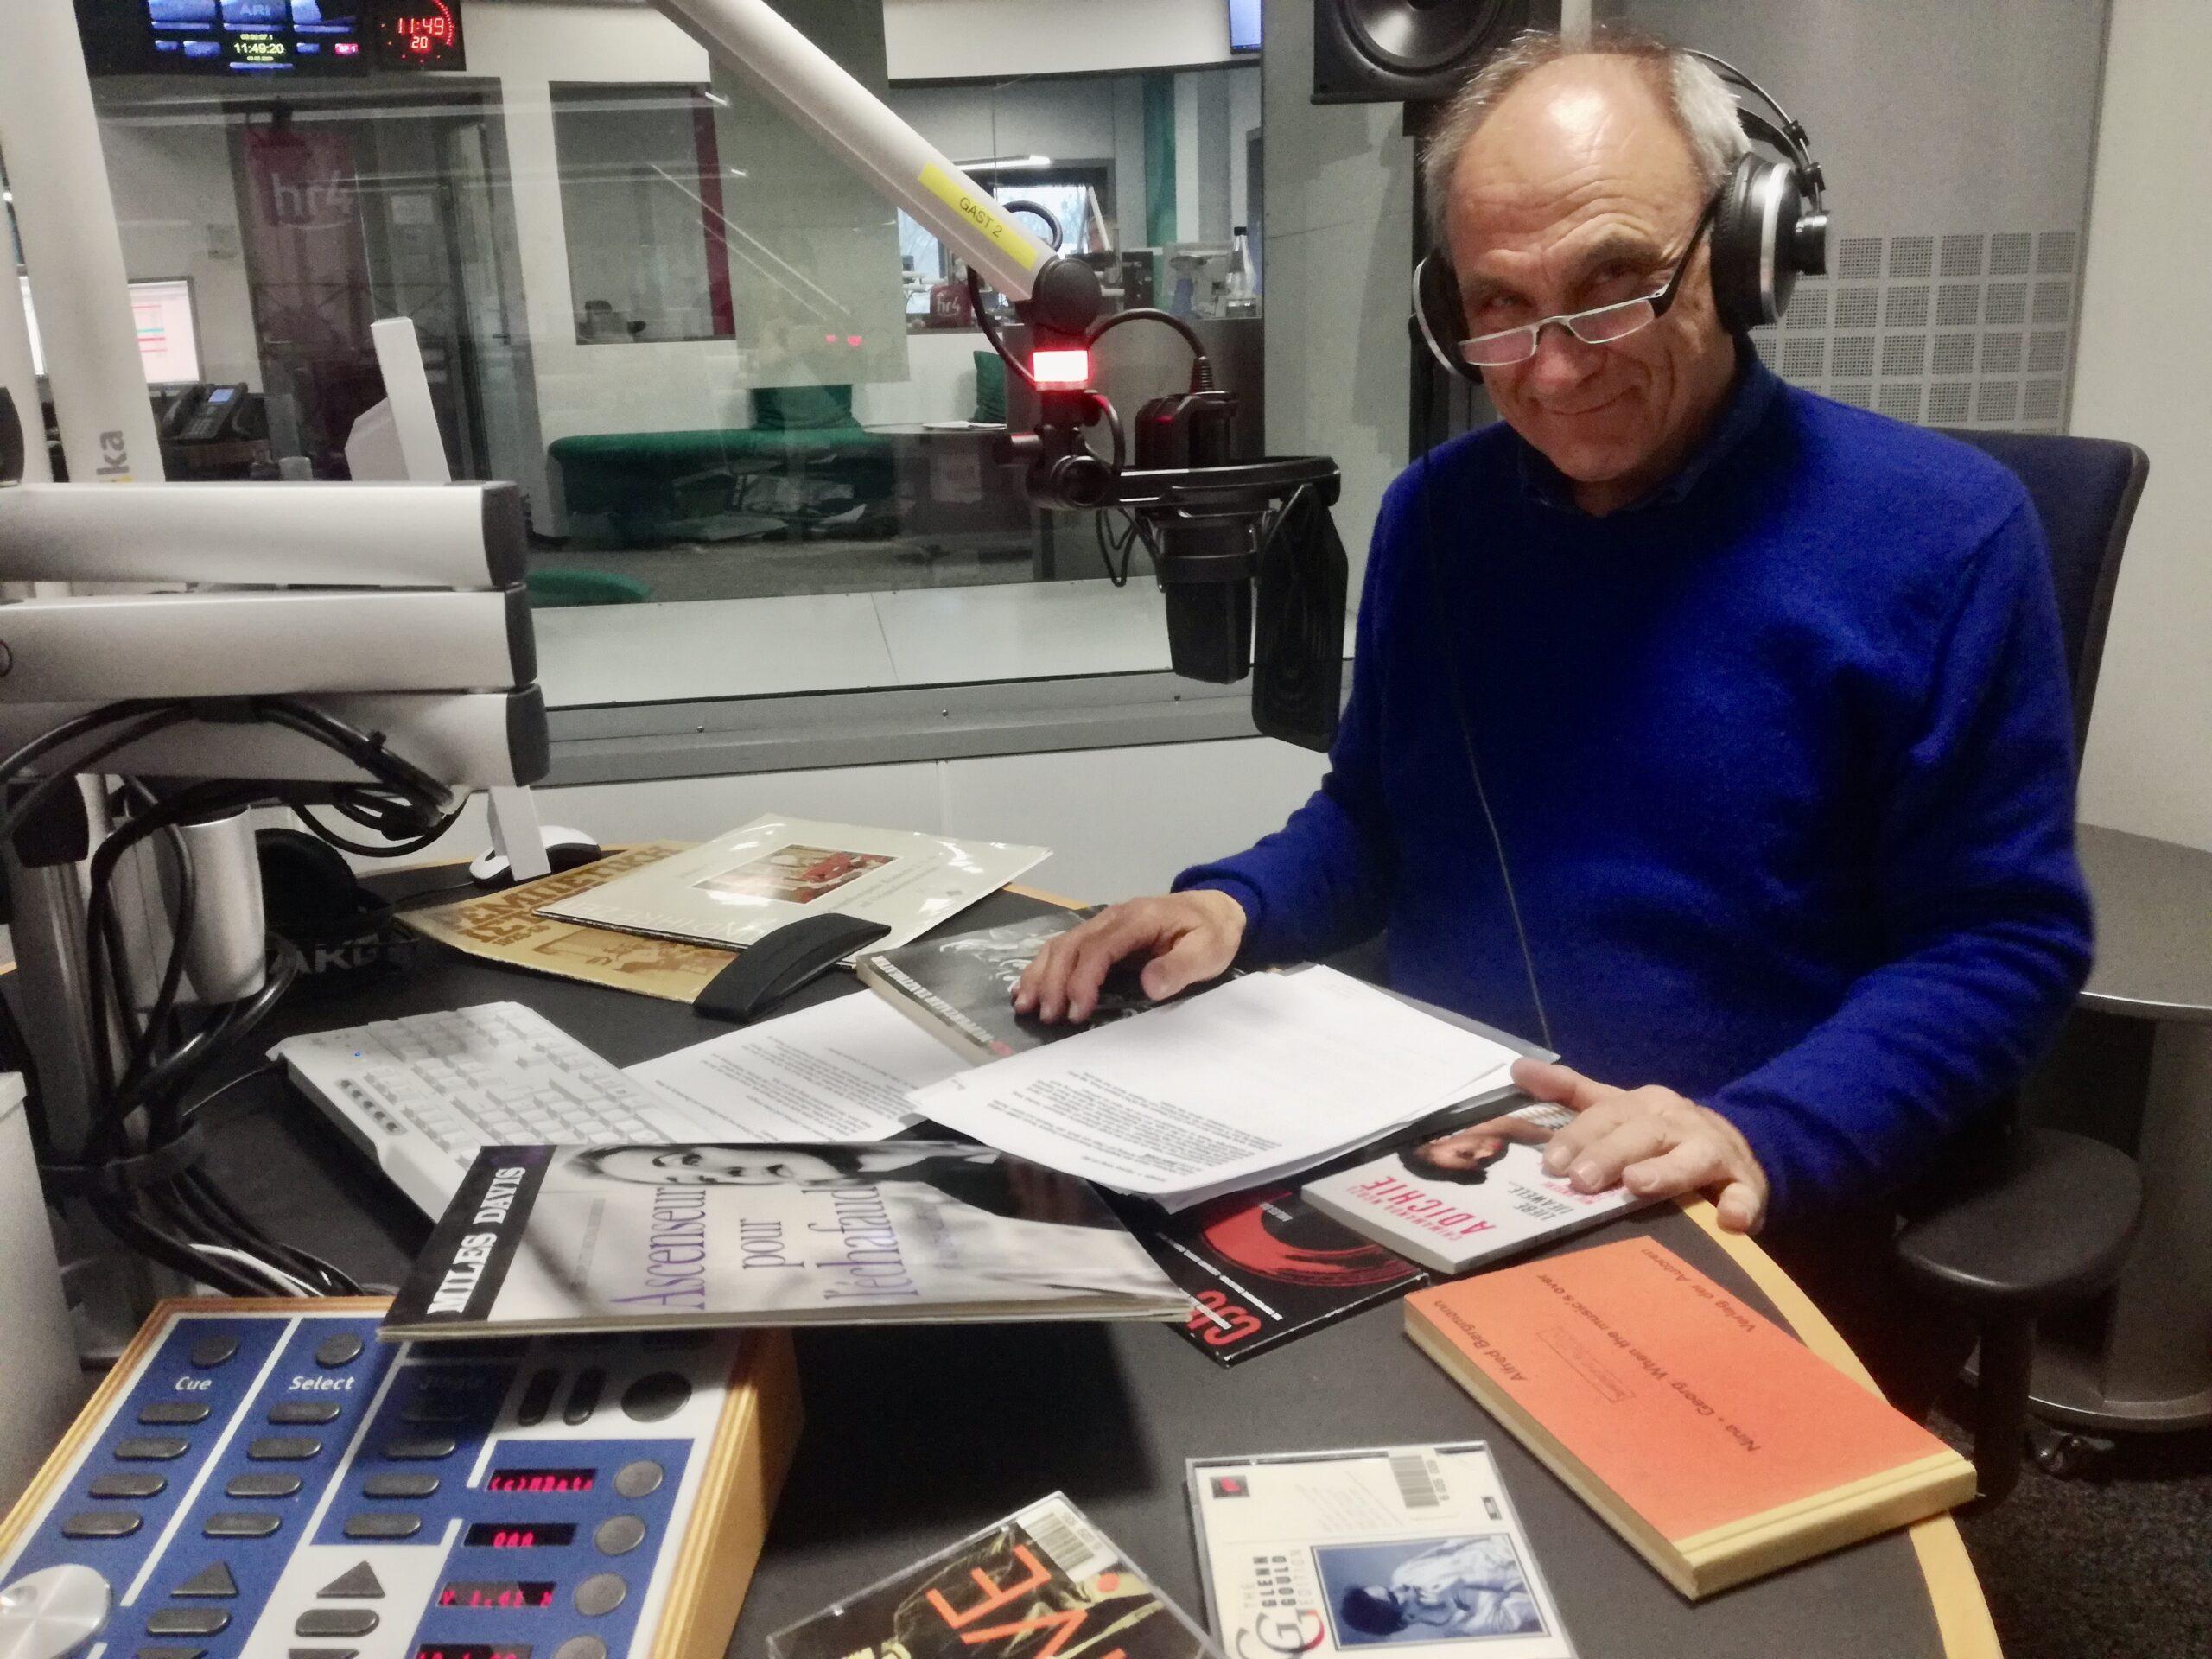 """""""Klassik – Pop – et cetera"""" im Deutschlandfunk. Bernd Leifeld kam mit einem Wäschekorb mit alten Schallplatten ins Studio. Die Sendung ging unter die Haut."""